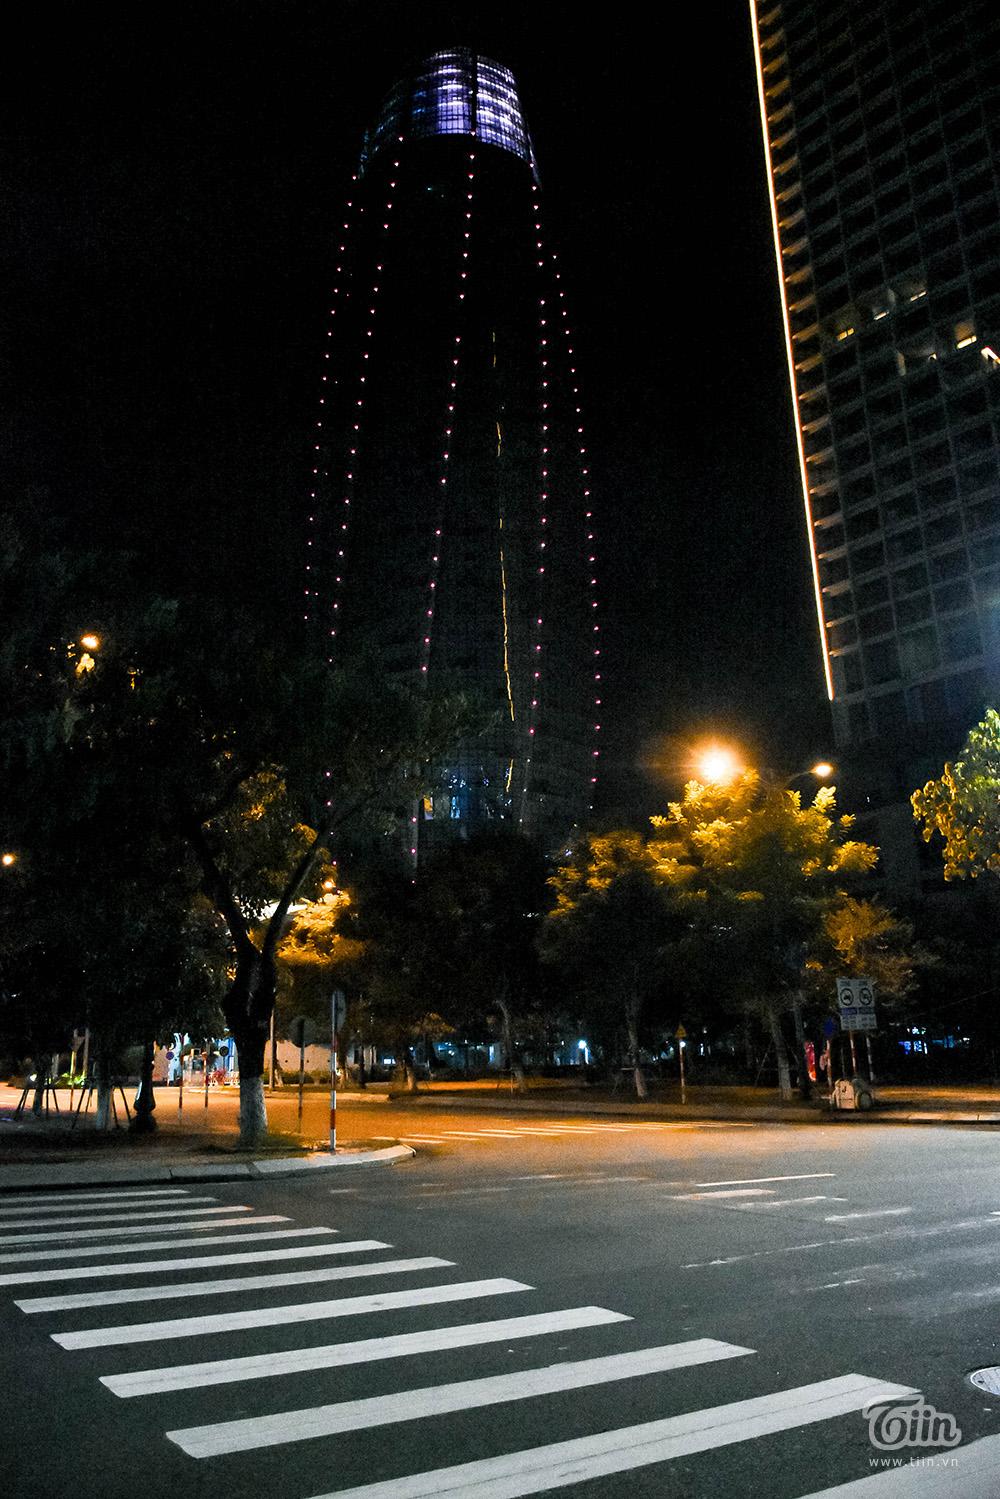 Con đường Trần Phú, nơi nhìn trọn Trung tâm hành chính.